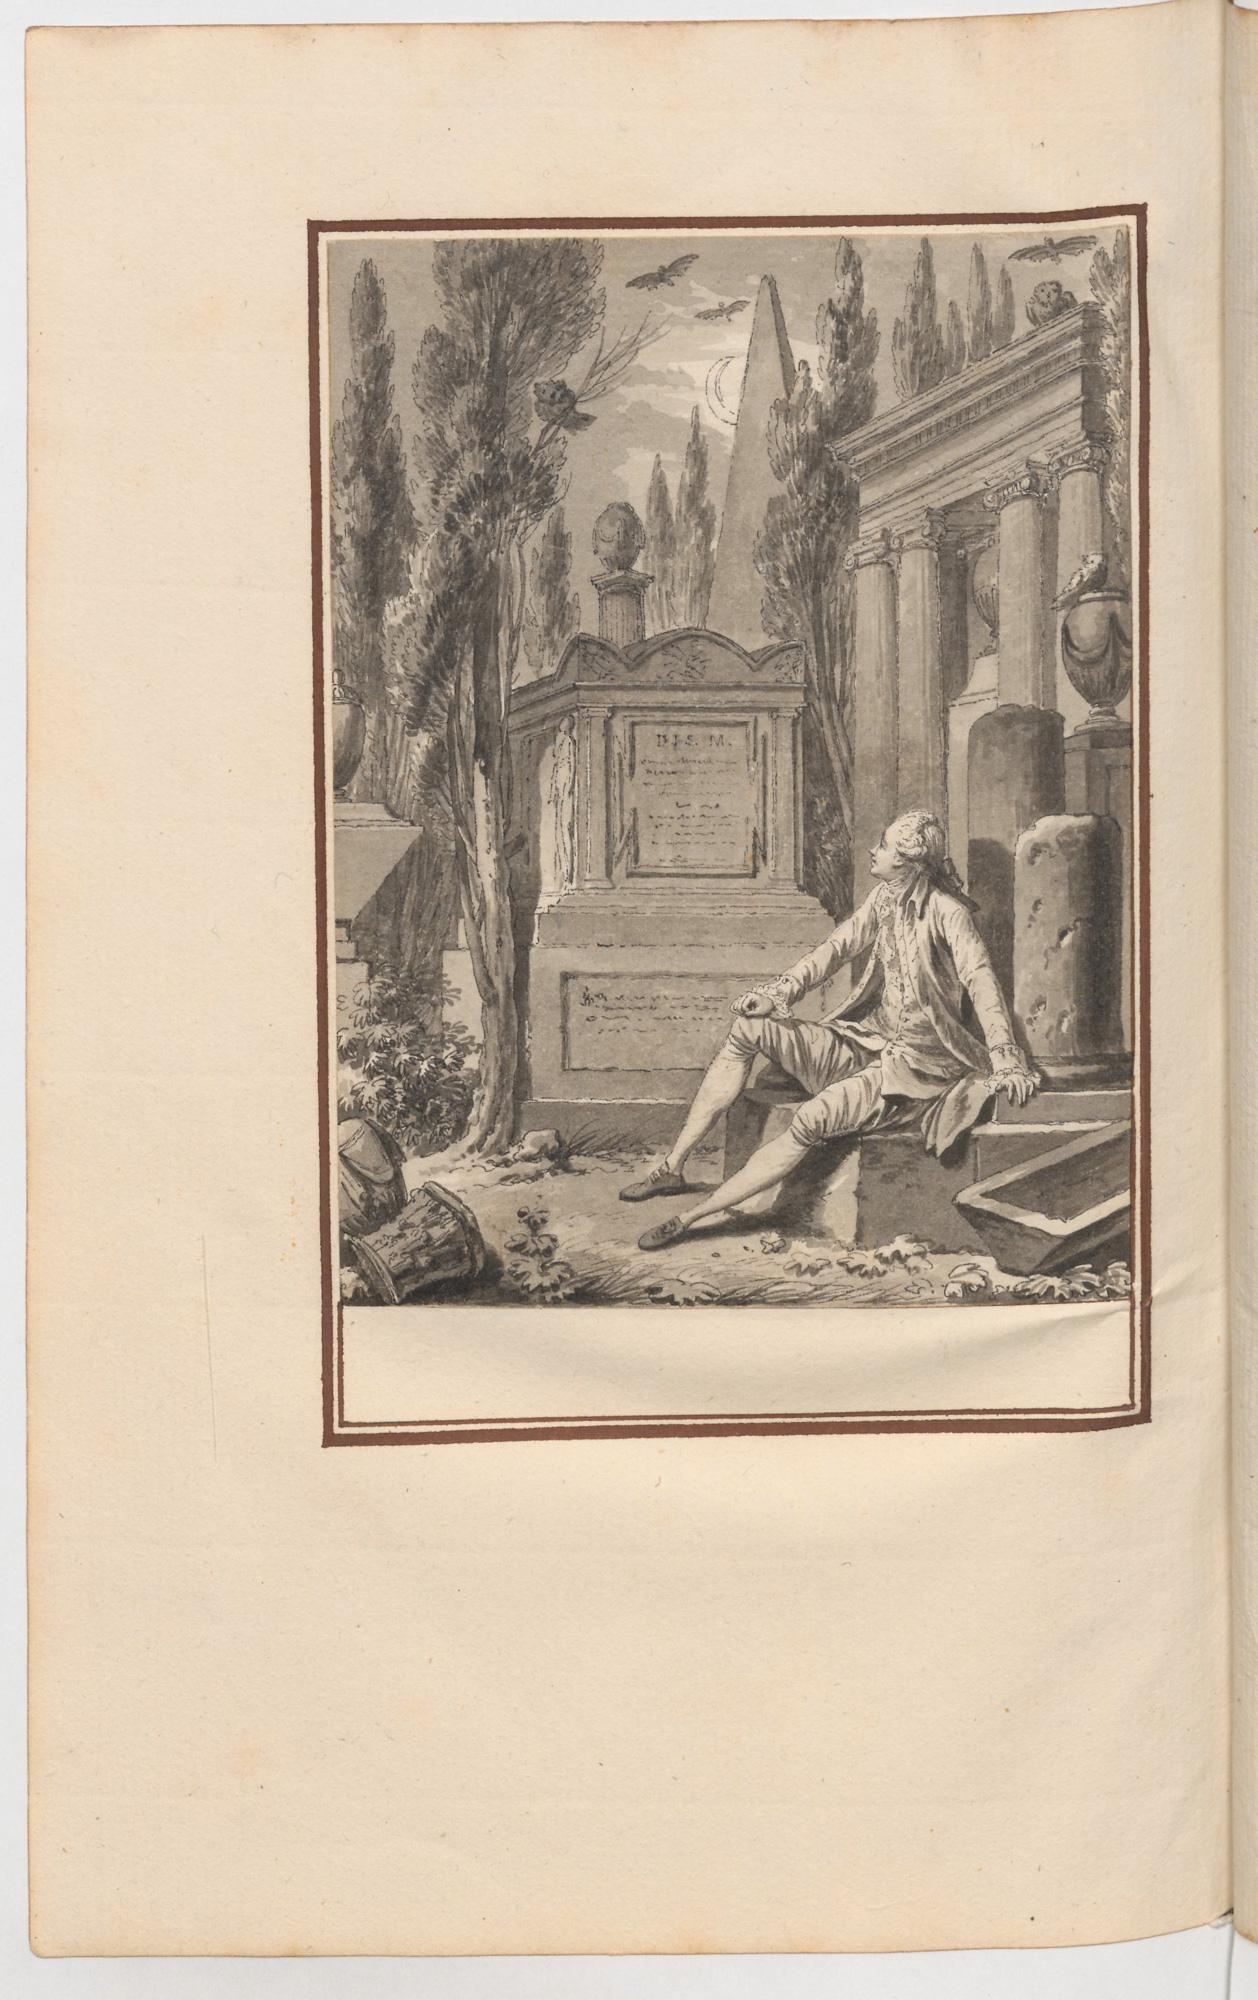 S.3.25 Le melancolique, Chantilly, Image